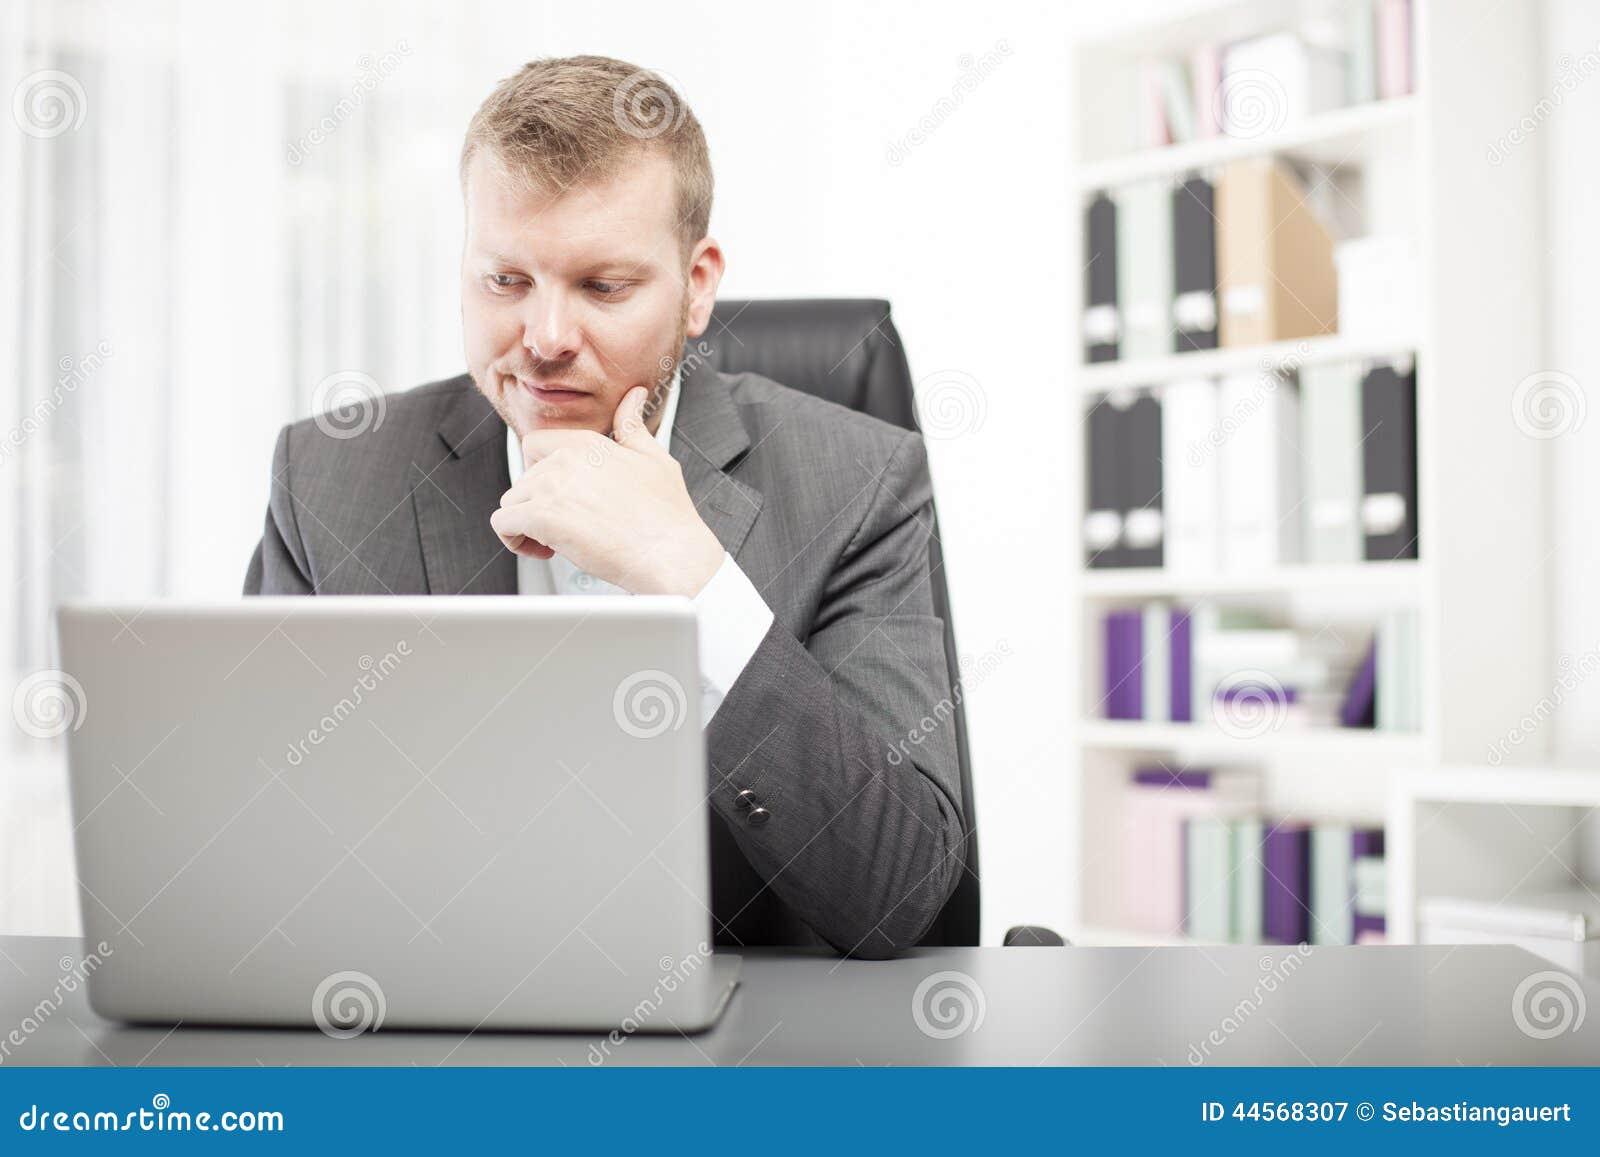 Mens die zijn laptop met een gedwongen uitdrukking bekijken